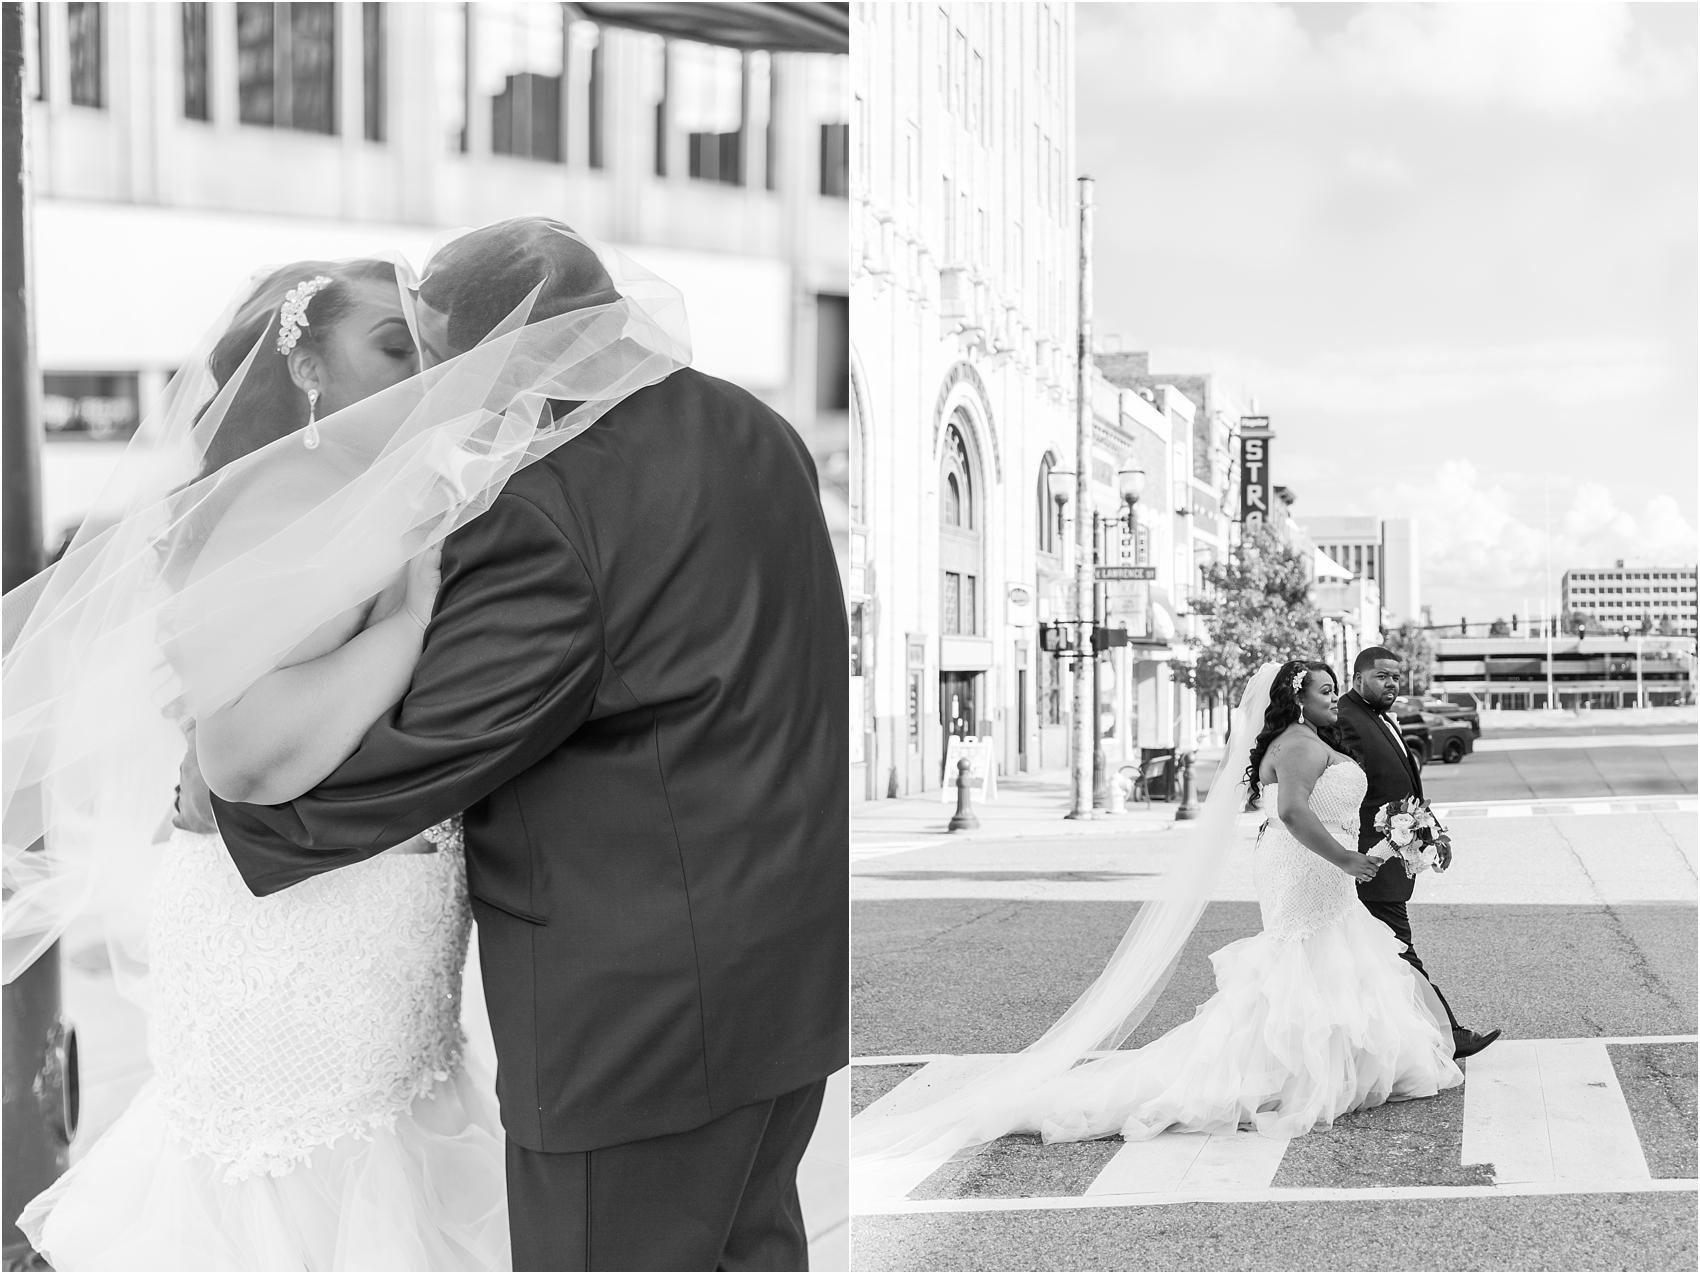 minimalist-and-modern-wedding-photos-at-30-north-saginaw-in-pontiac-michigan-by-courtney-carolyn-photography_0060.jpg